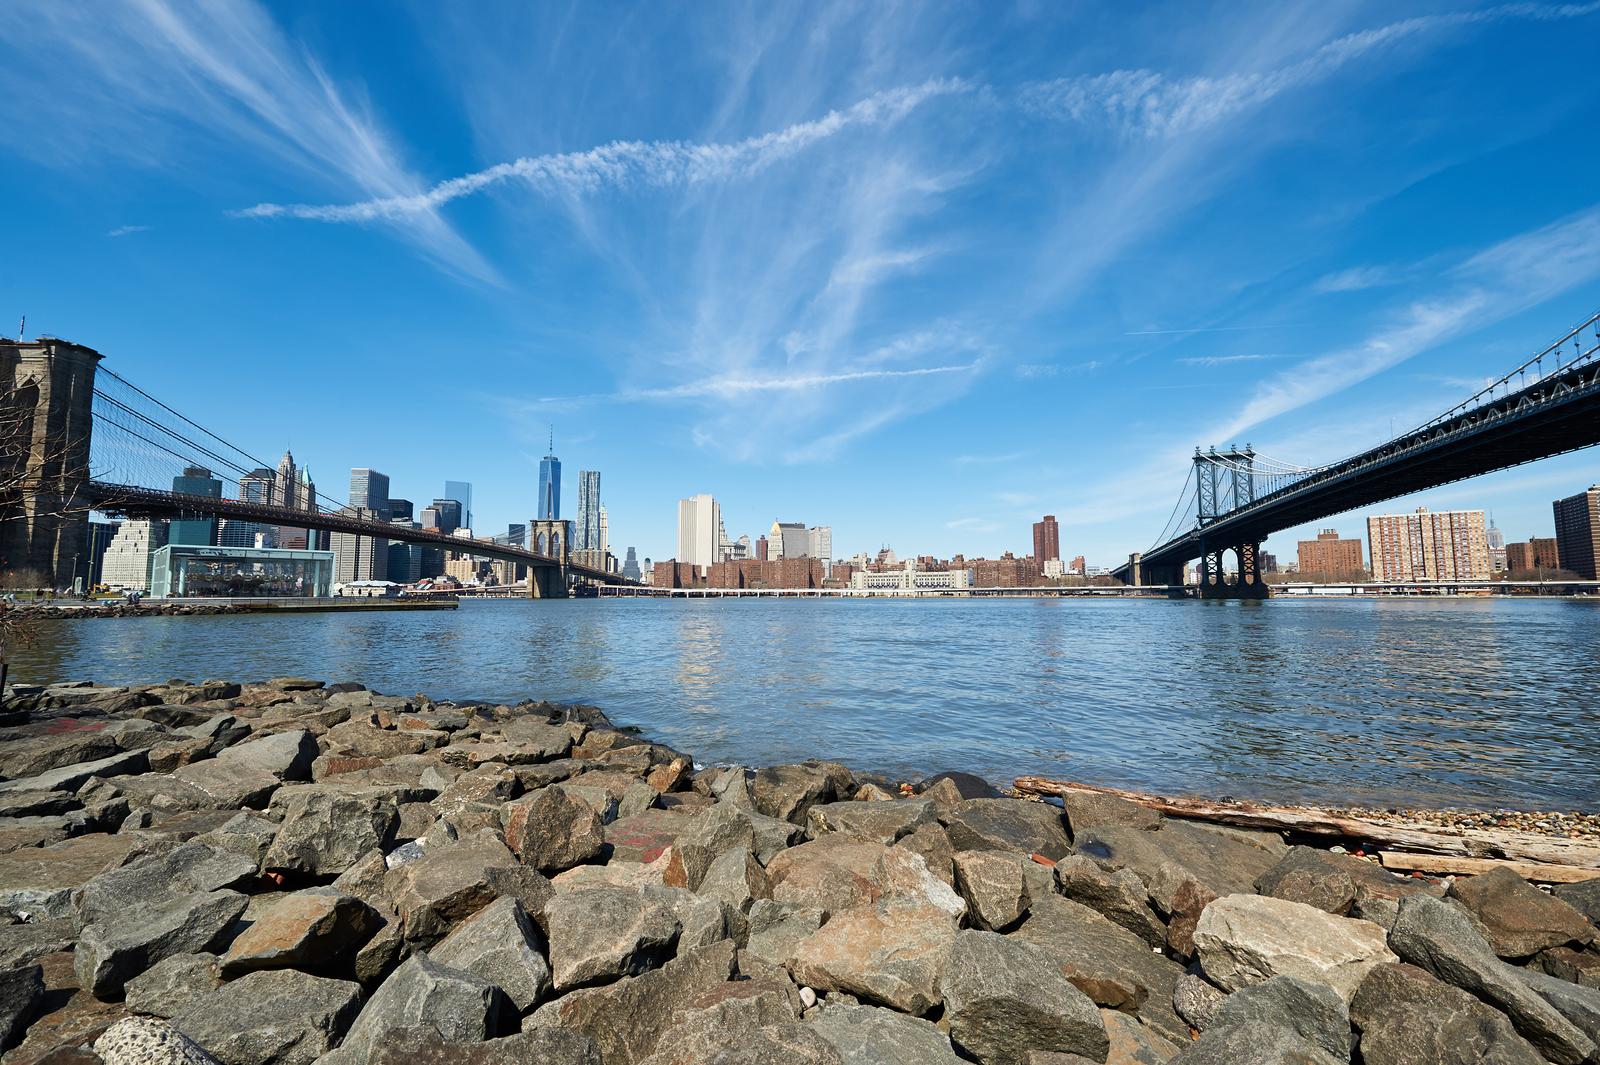 Chelsea Manhattan, NY Private Investigator